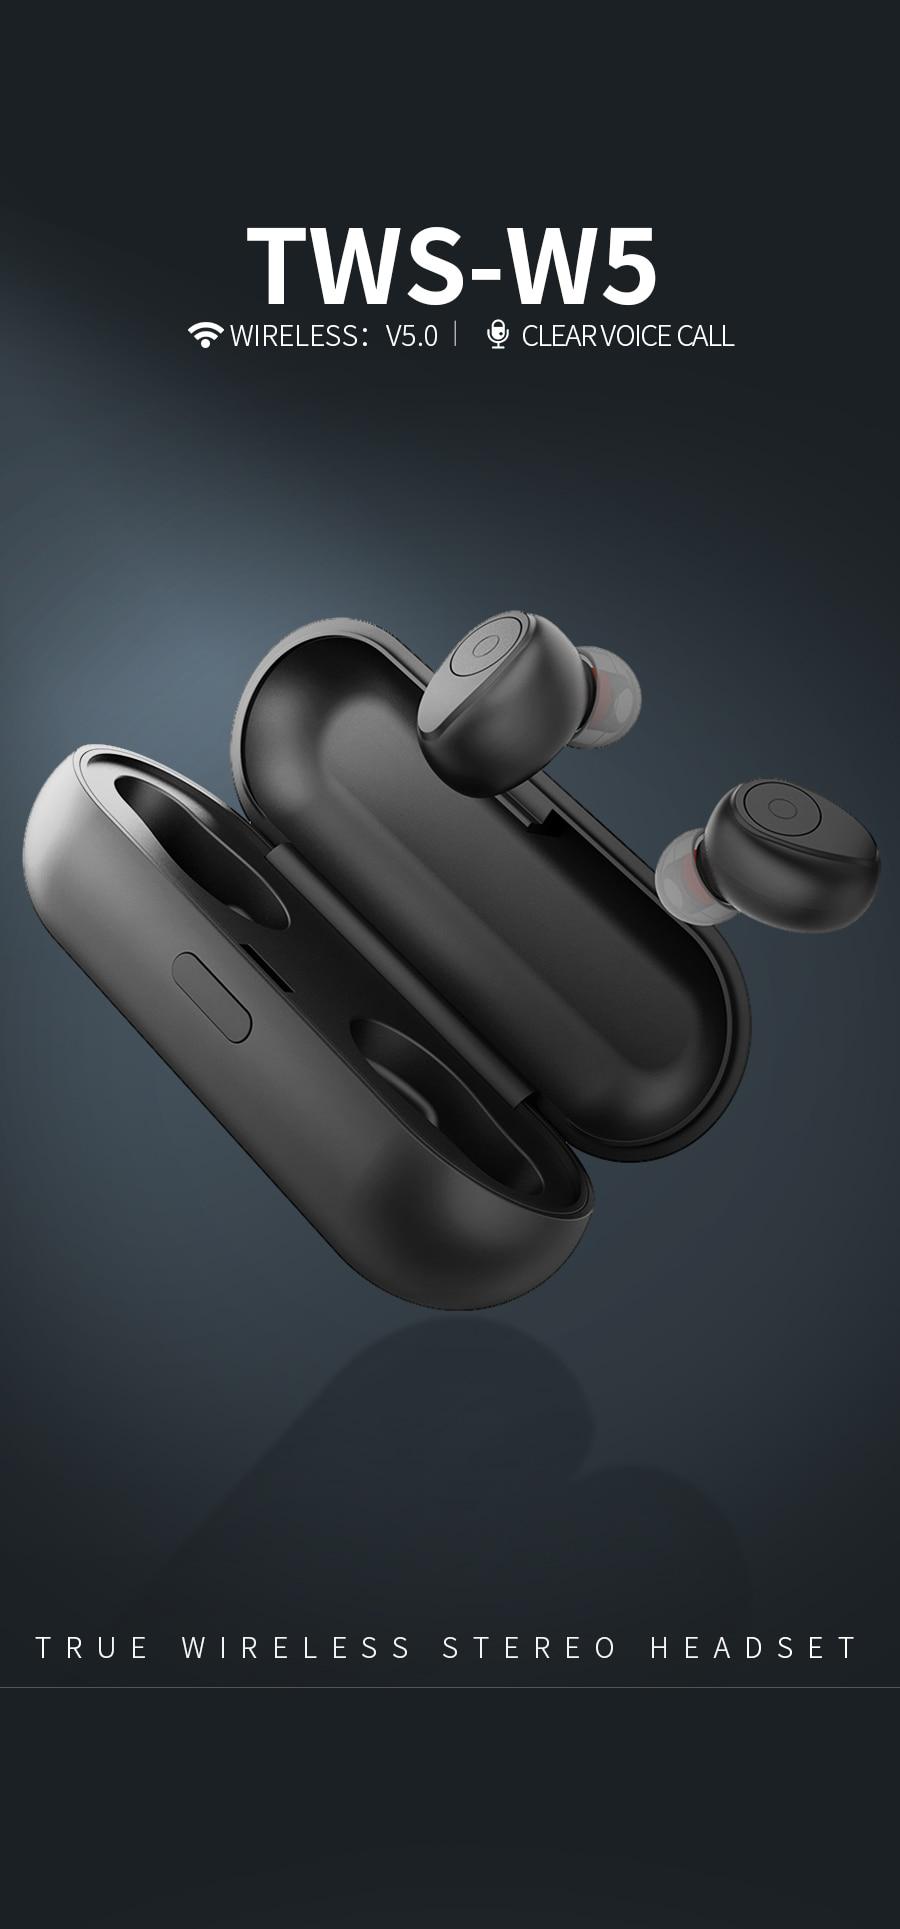 Celebrat tws-w5 wireless earpods